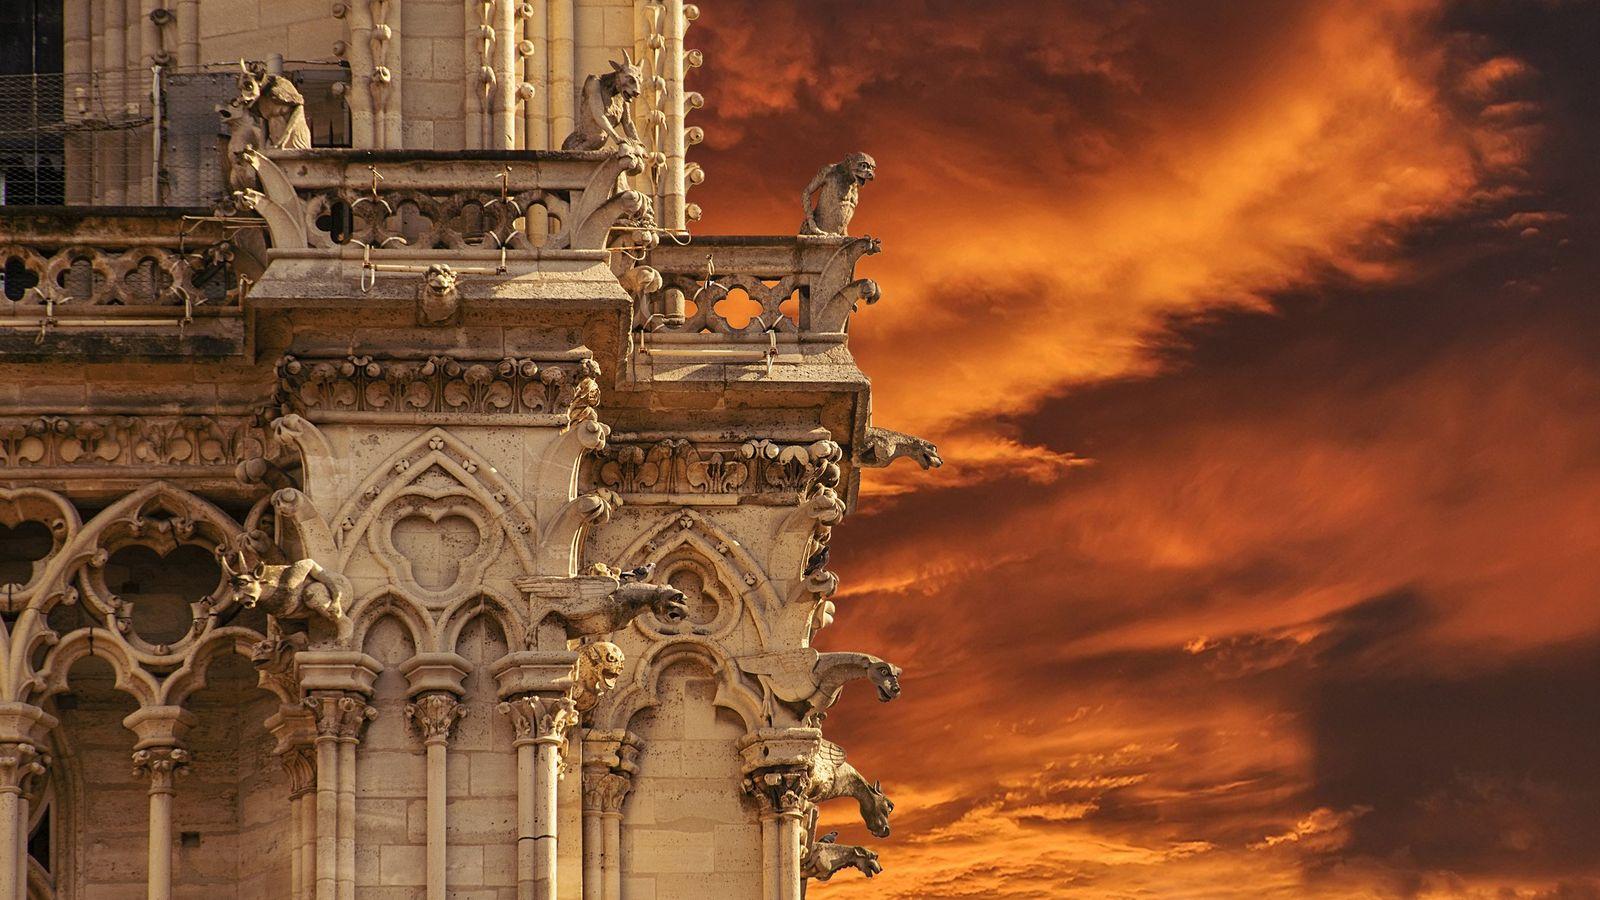 1844 :L'importance de conserver le patrimoine médiéval se fait sentir et motive la décision de restaurer ...